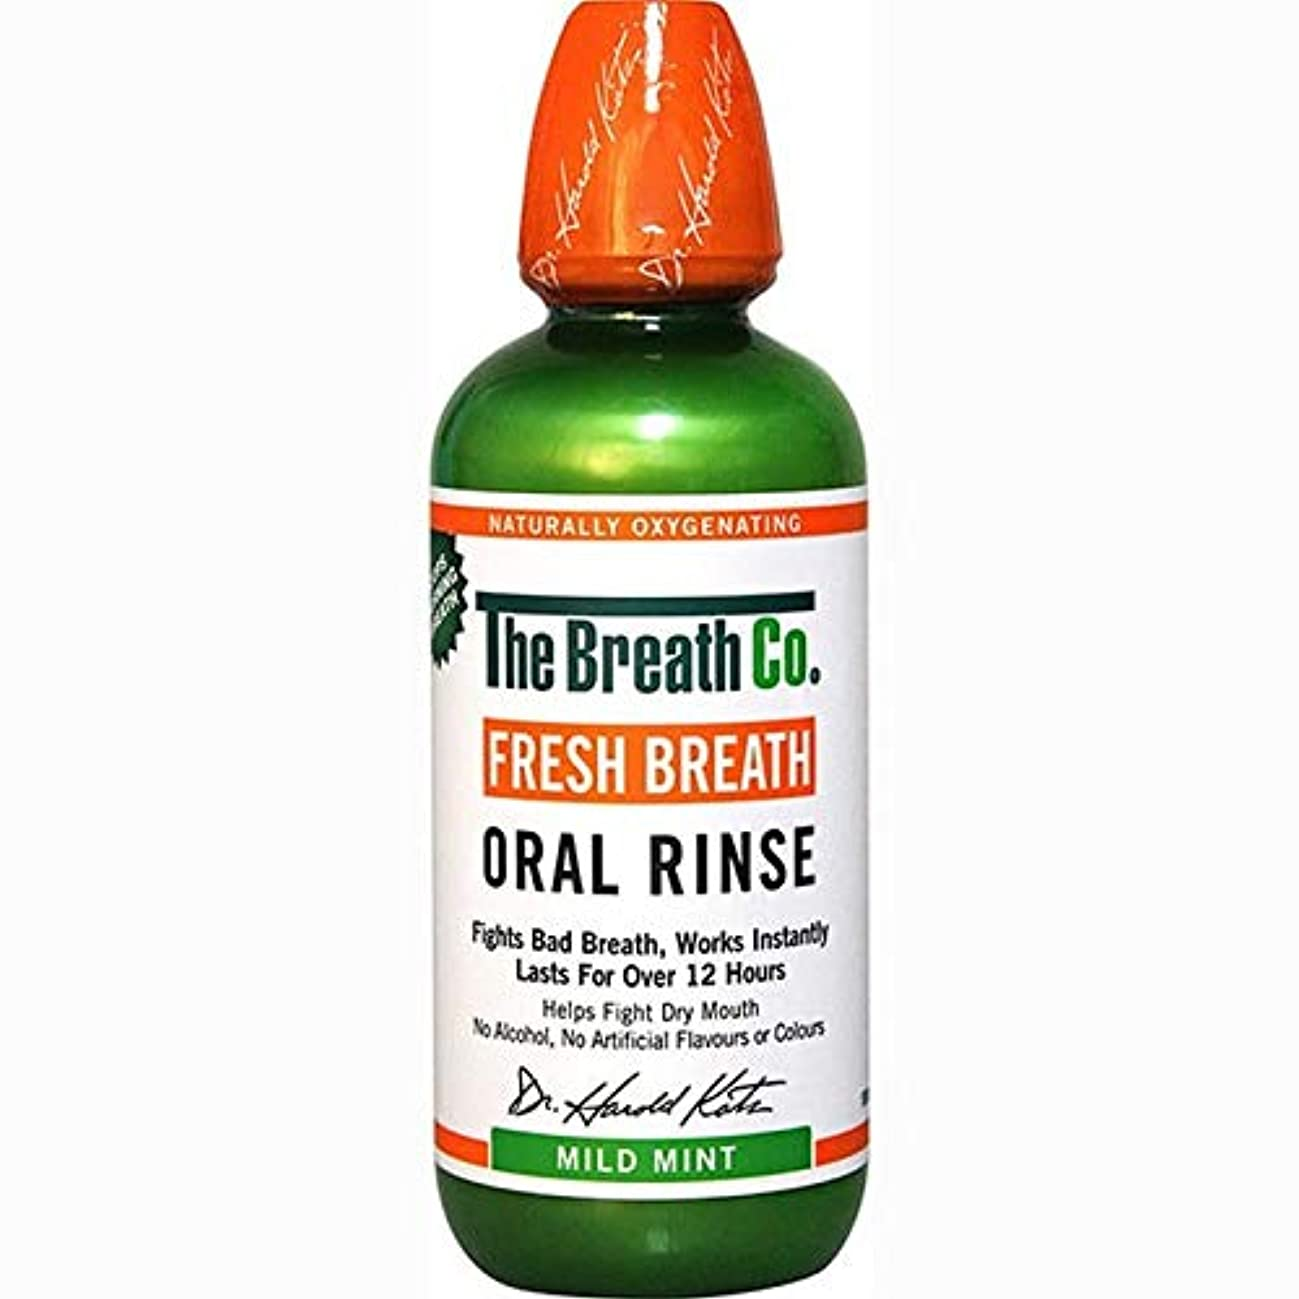 野心技術細胞[The Breath Co] 息のCo新鮮な息口腔リンスマイルドミント500ミリリットル - The Breath Co Fresh Breath Oral Rinse Mild Mint 500ml [並行輸入品]